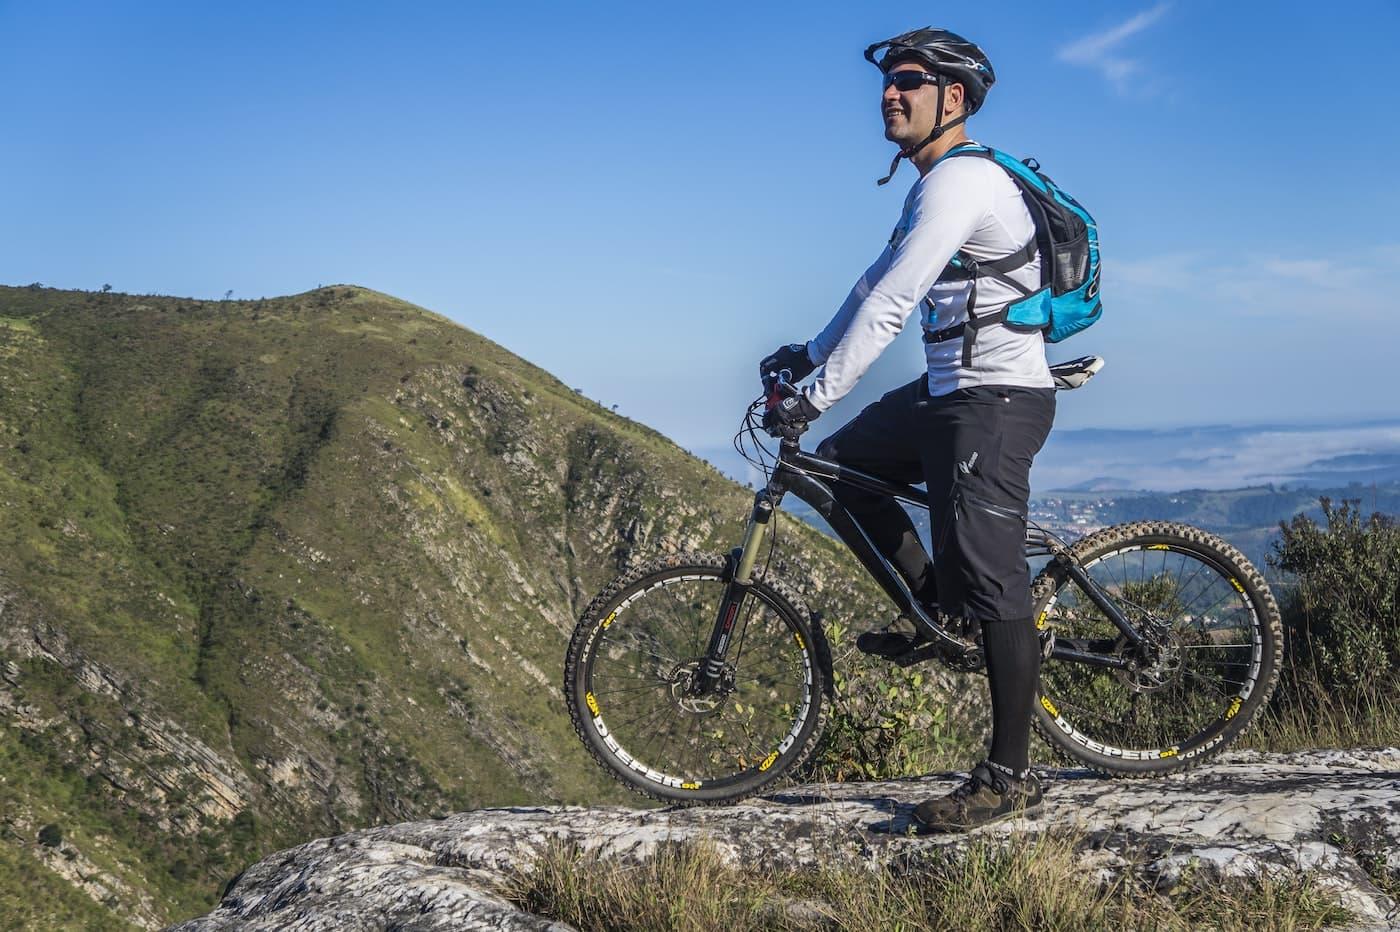 UK's Top 7 Cycling Spots for Mountain Biking